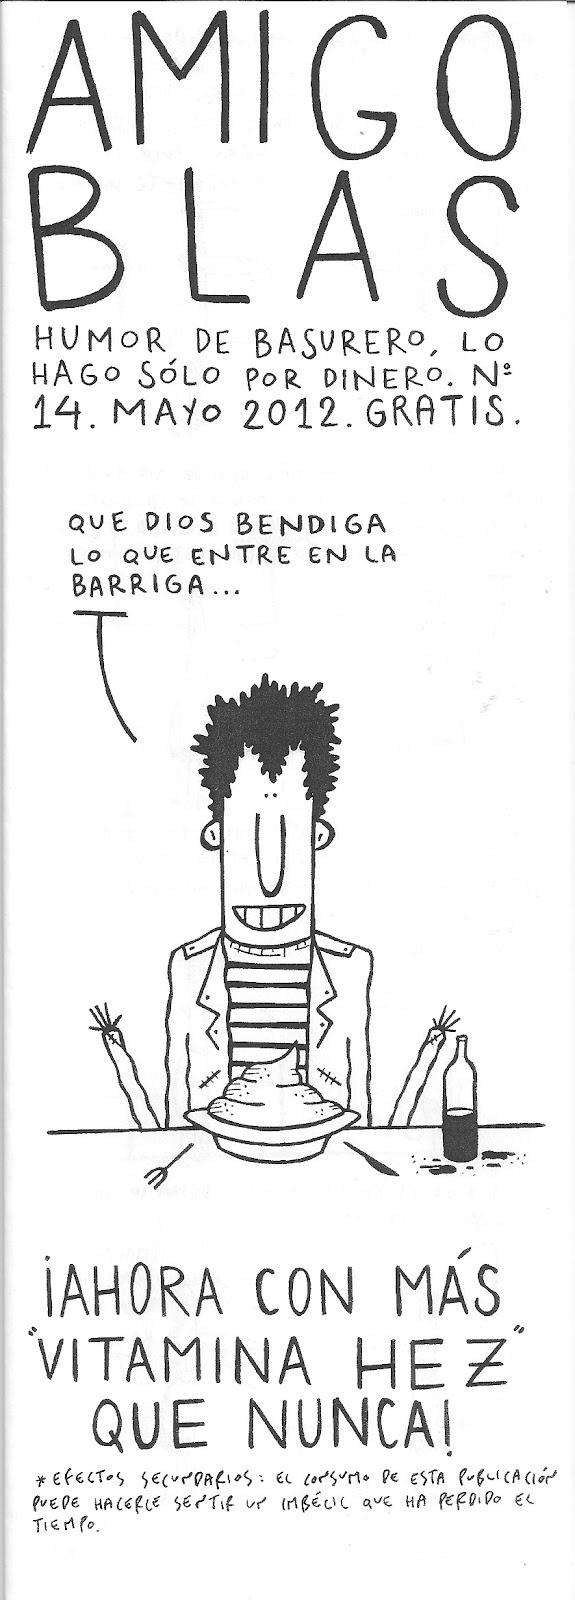 Fanzine Amigo Blas nº 14